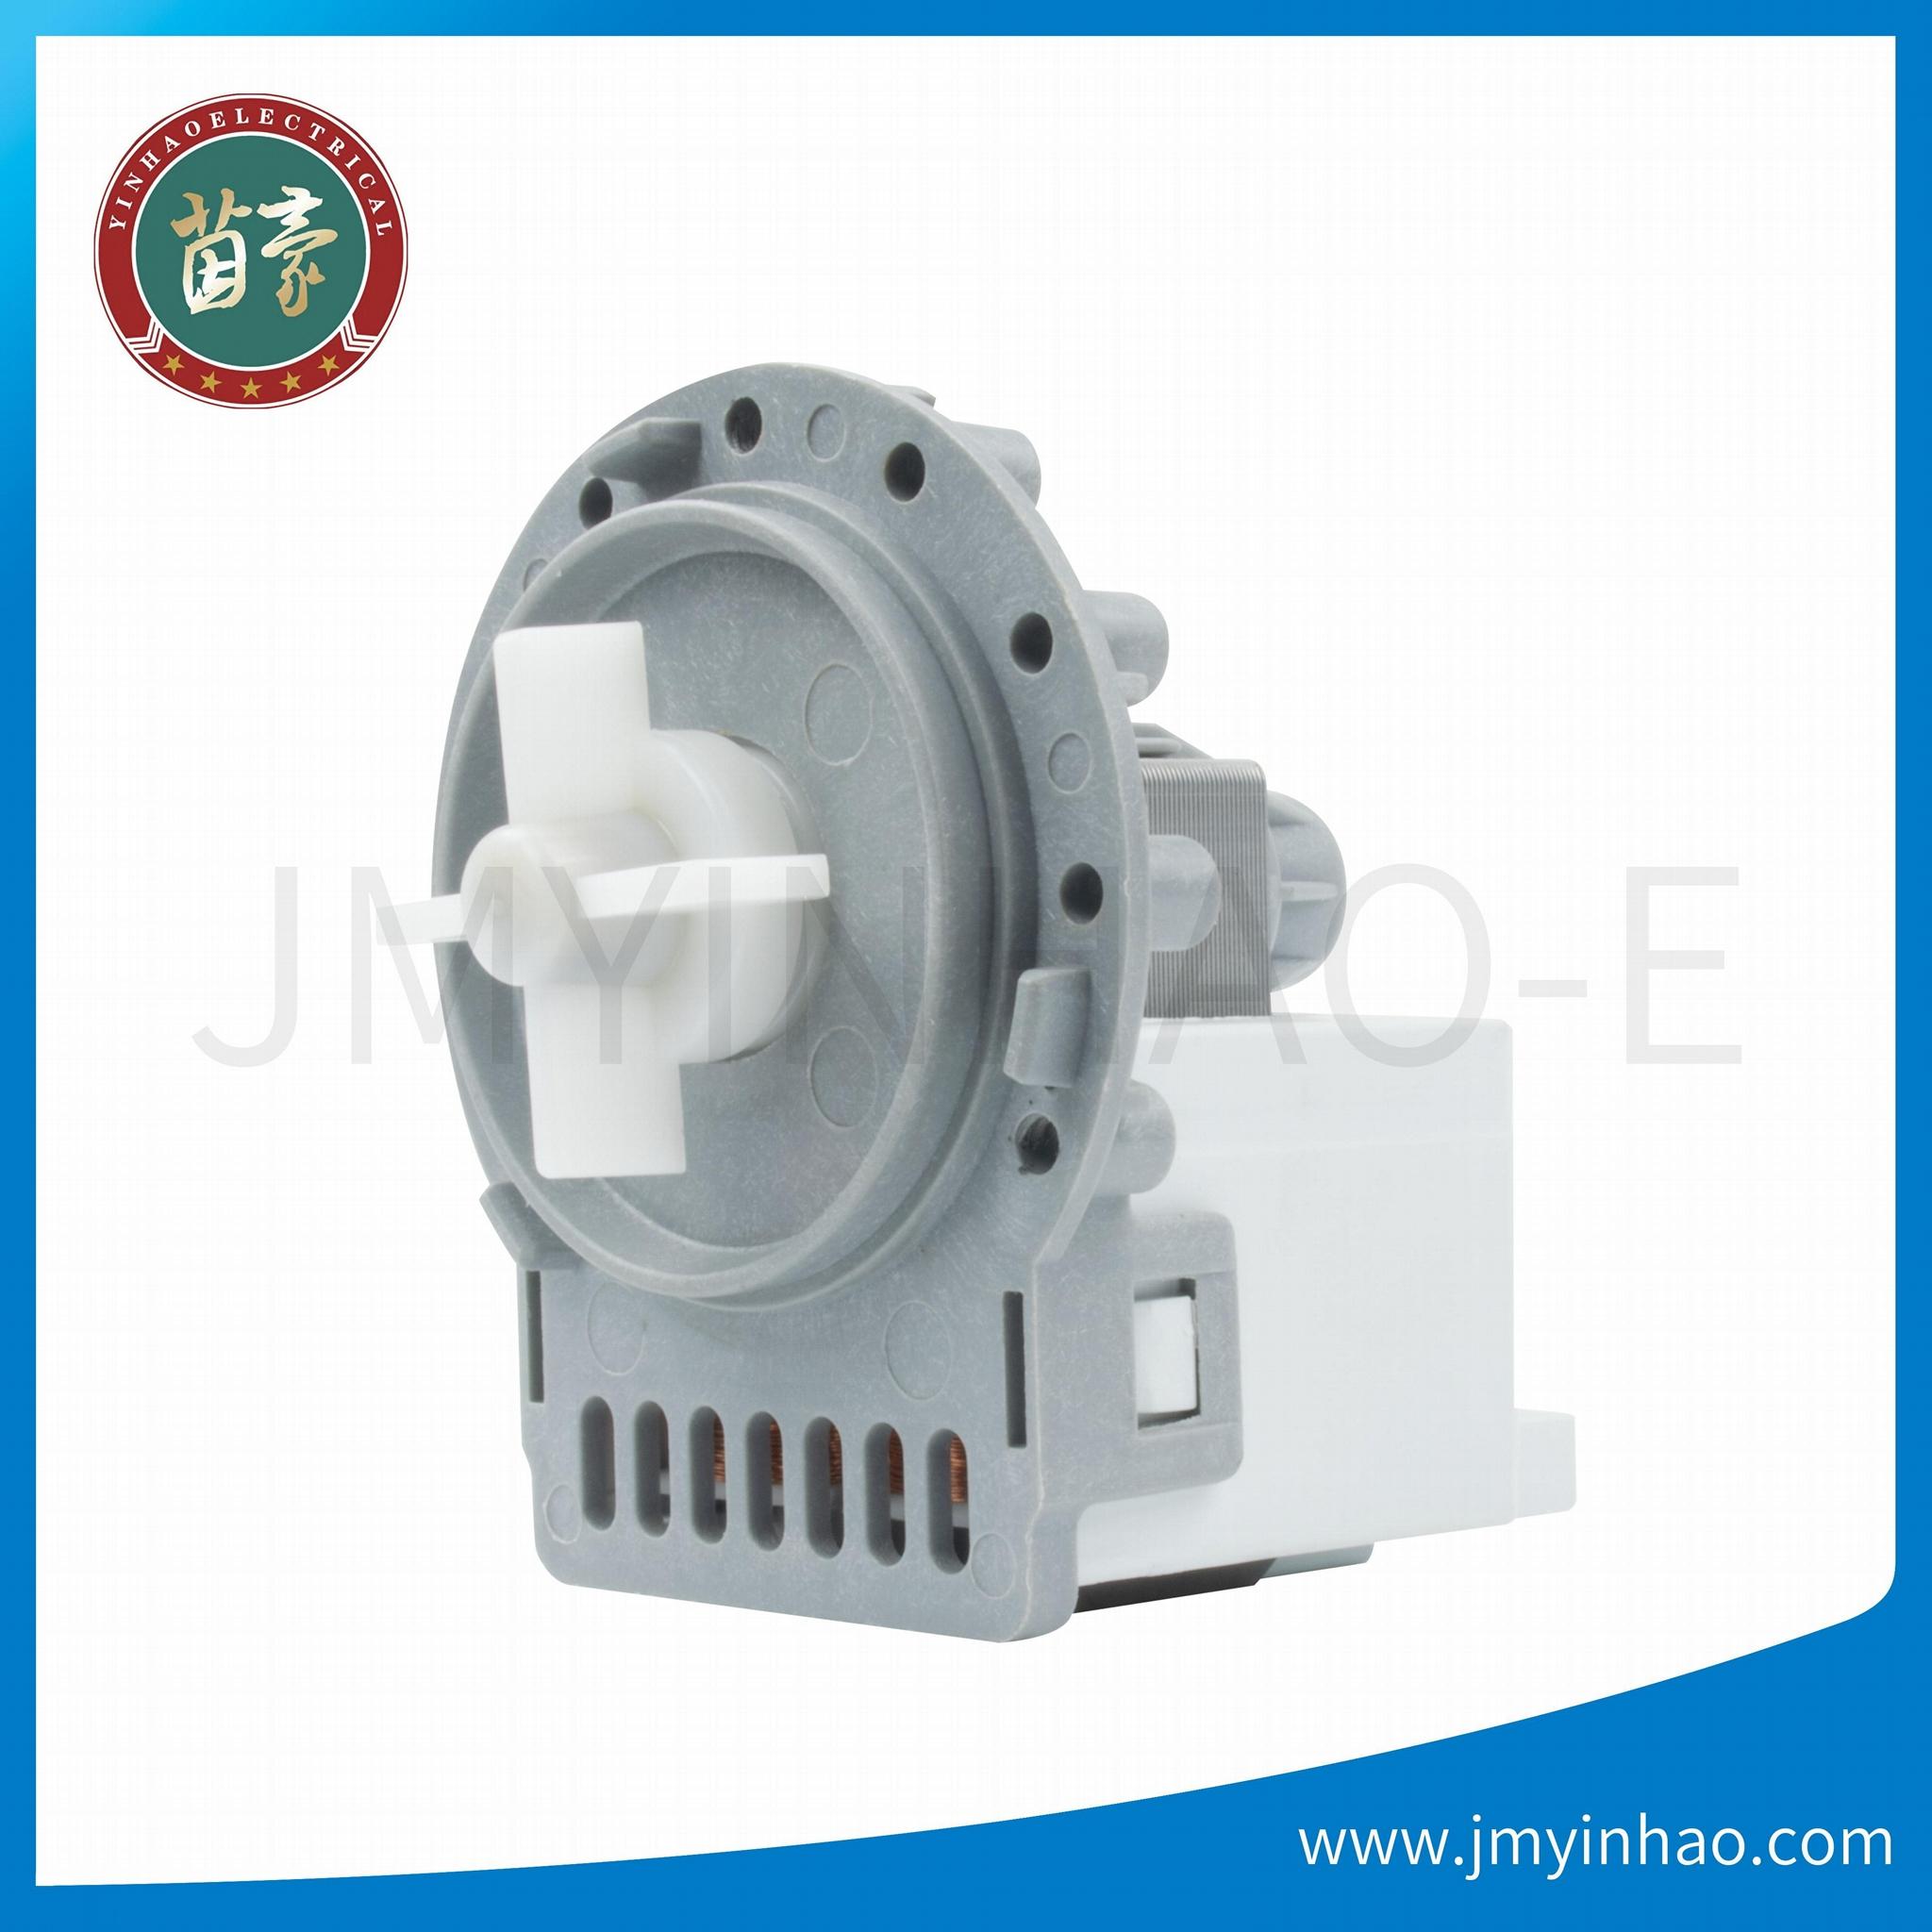 厂家直销高质洗衣机排水泵/低噪音排水泵 1